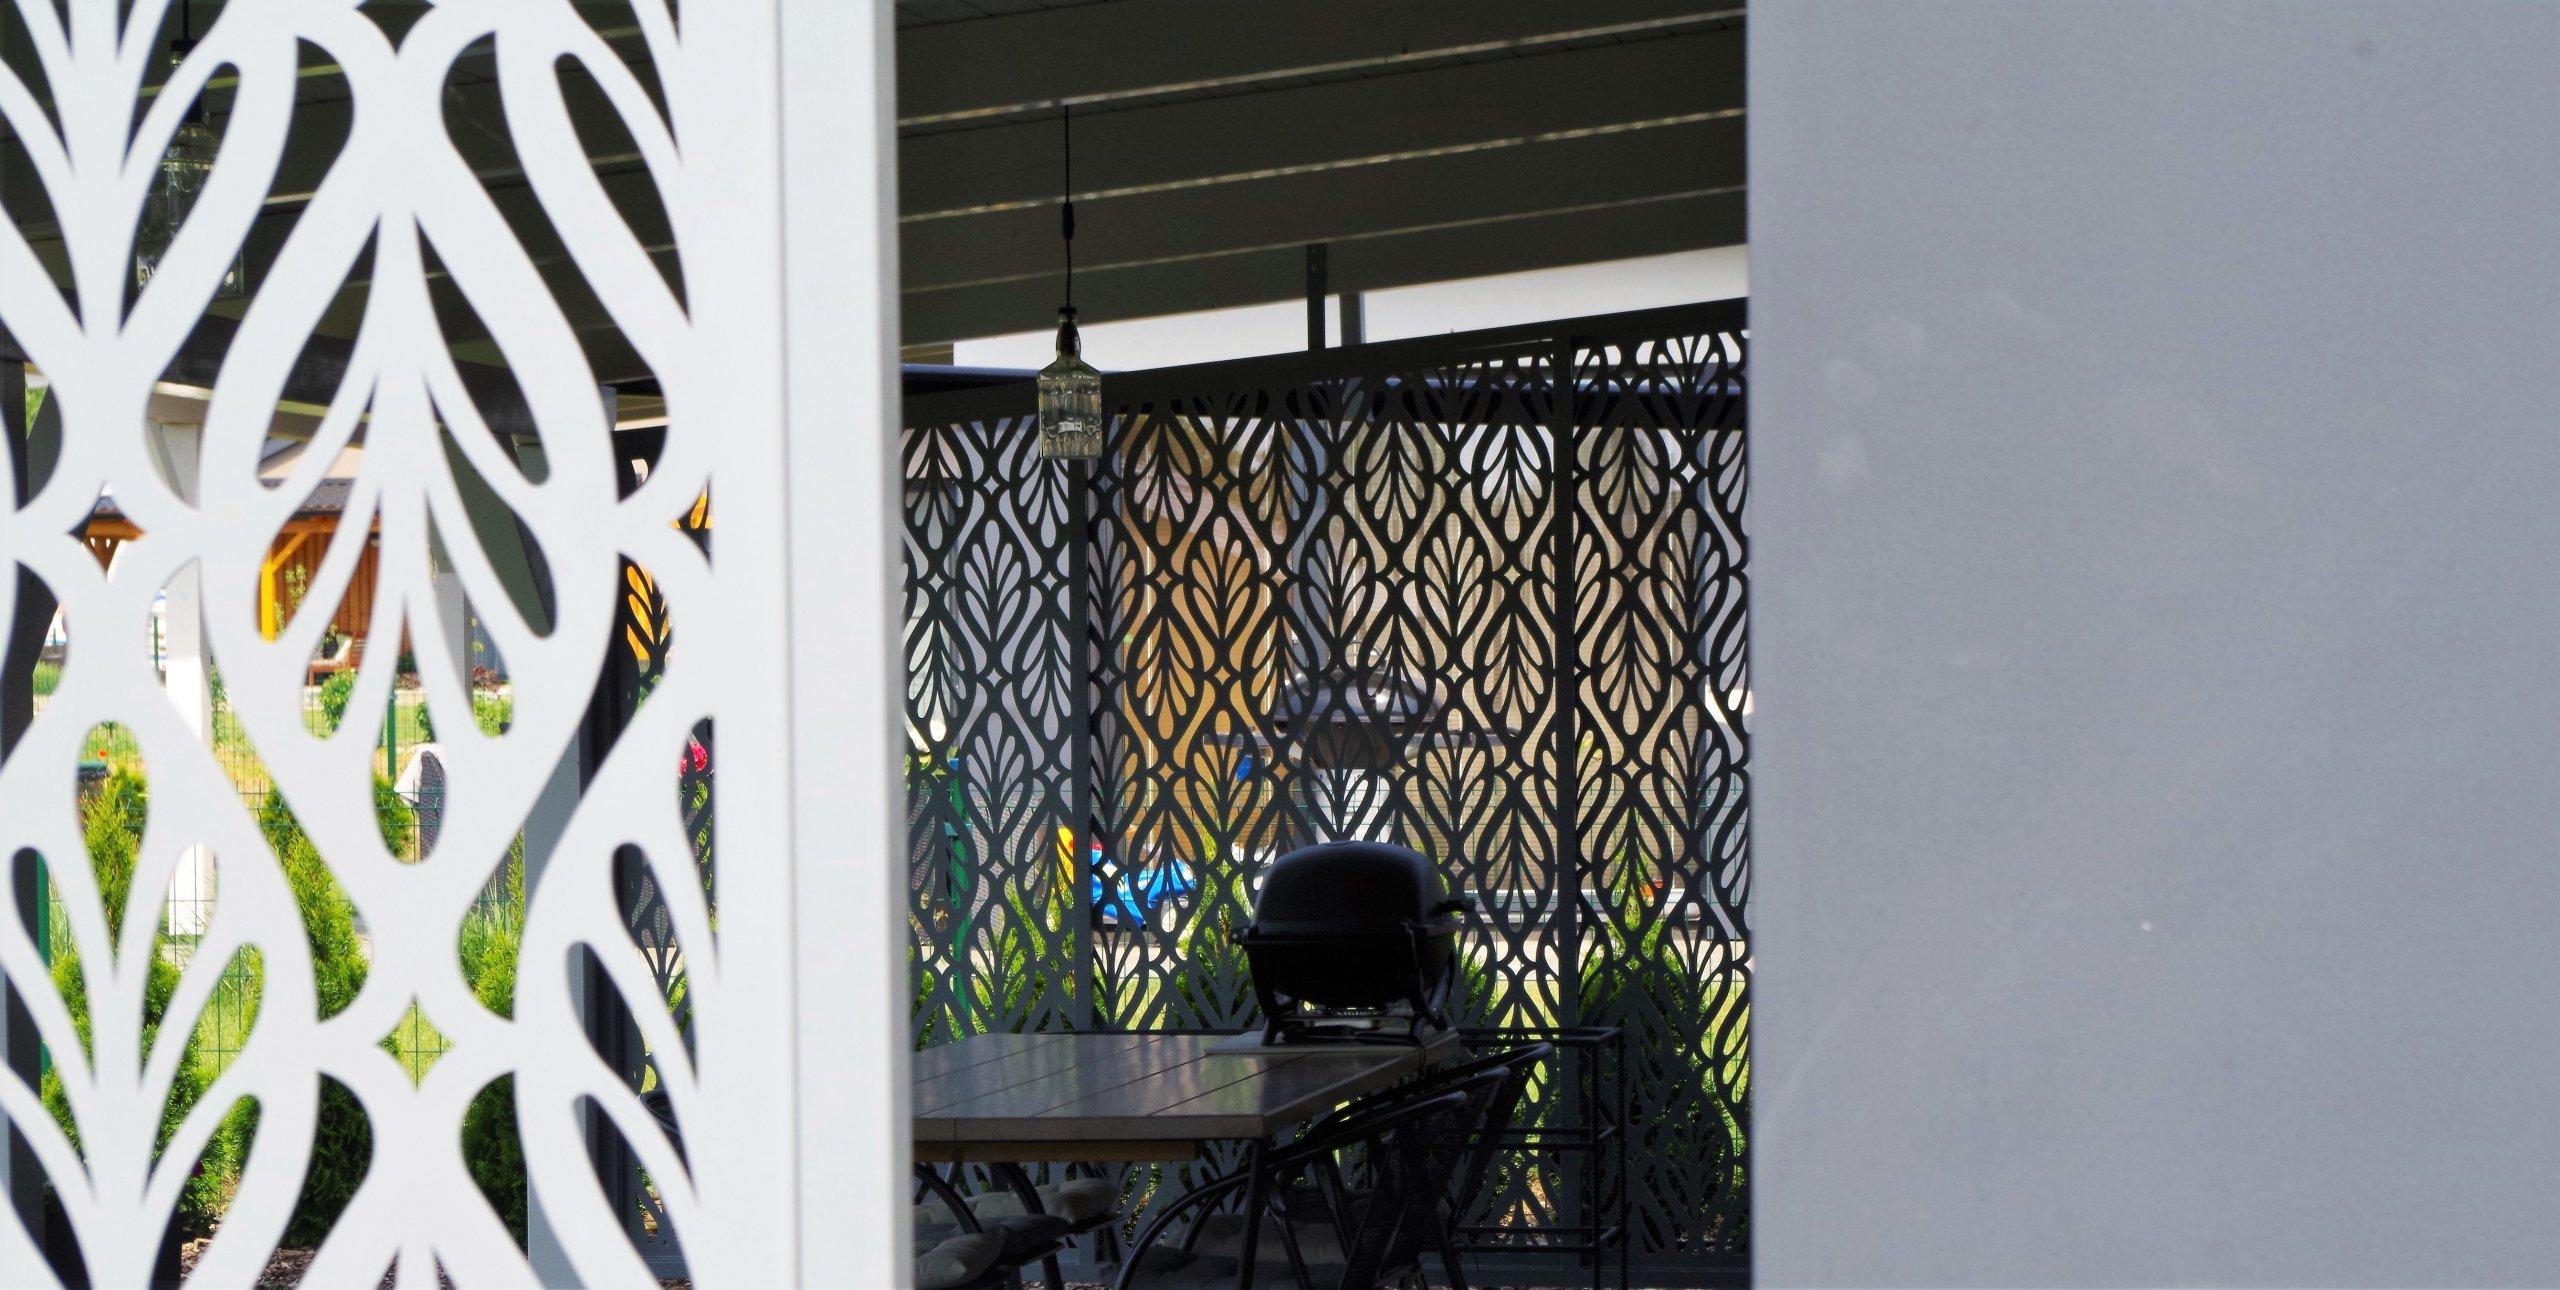 Dodání a montáž designového zastínění pergoly.  Na sloupy pergoly byla namontována zastiňovací zástěna, která vytvořila soukrom